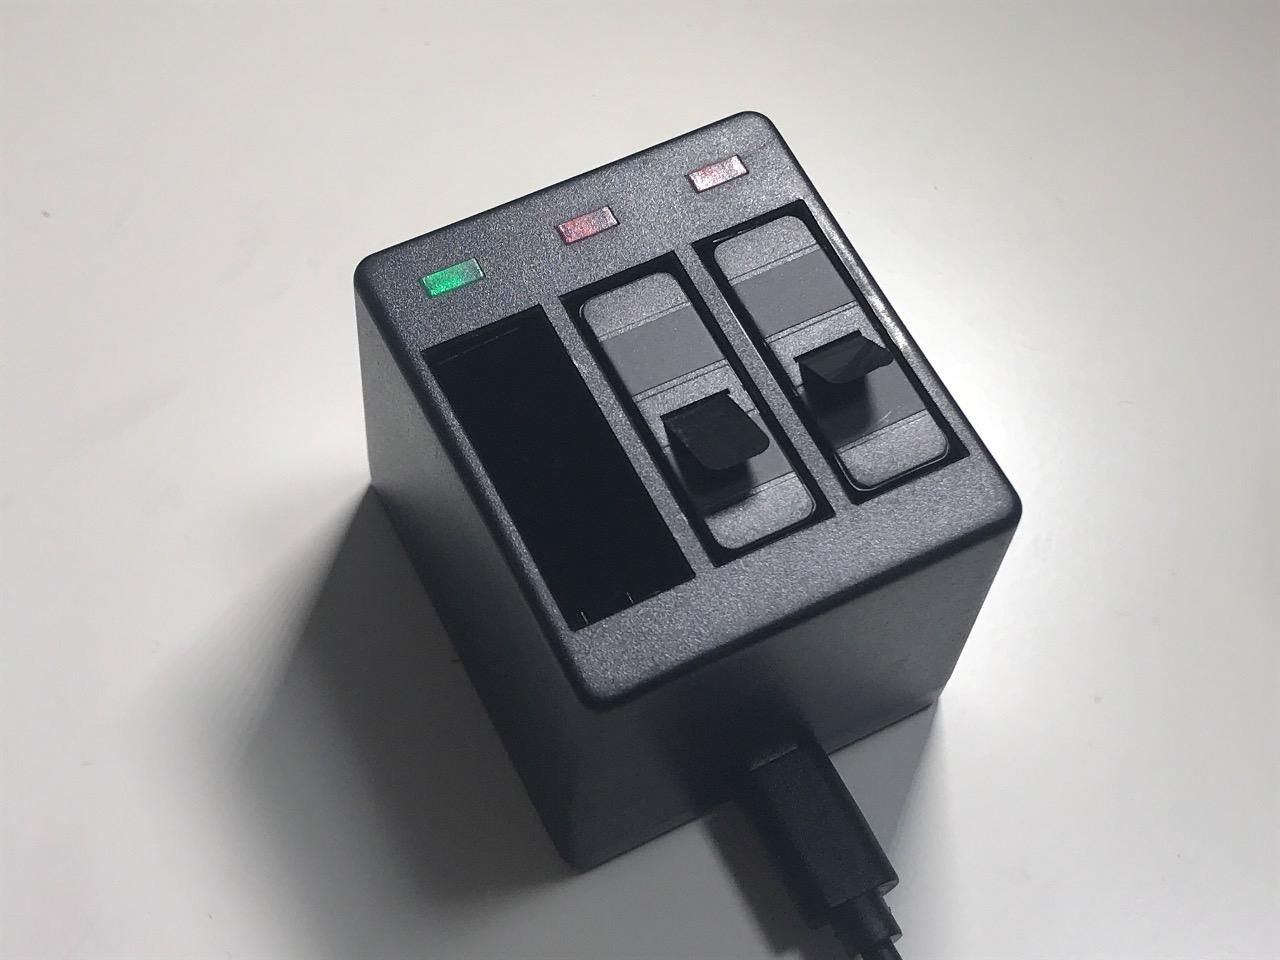 【GoPro 7】互換バッテリー【アクセサリー】